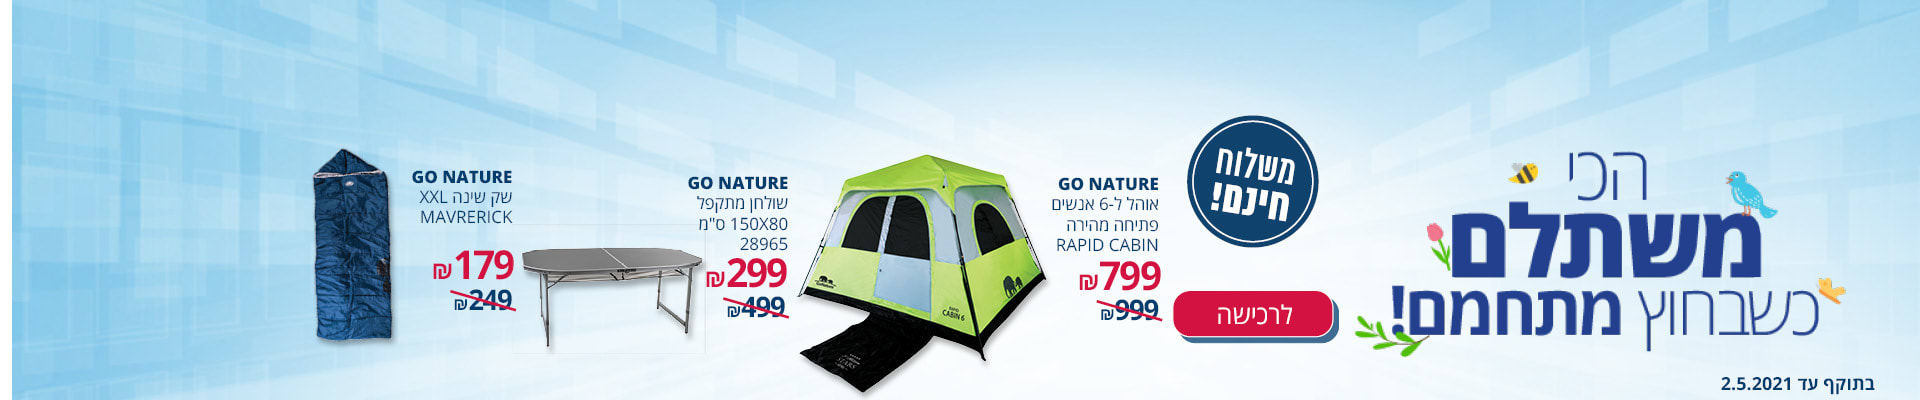 הכי משתלם כשבחוץ מתחמם! GO NATURE אוהל ל-6 אנשים פתיחה מהירה RAPID CABIN 799₪ GO NATURE שולחן מתקפל  299 ₪ GO NATURE שק שינה 179 ₪ משלוח חינם לרכישה בתוקף עד 2.5.2021